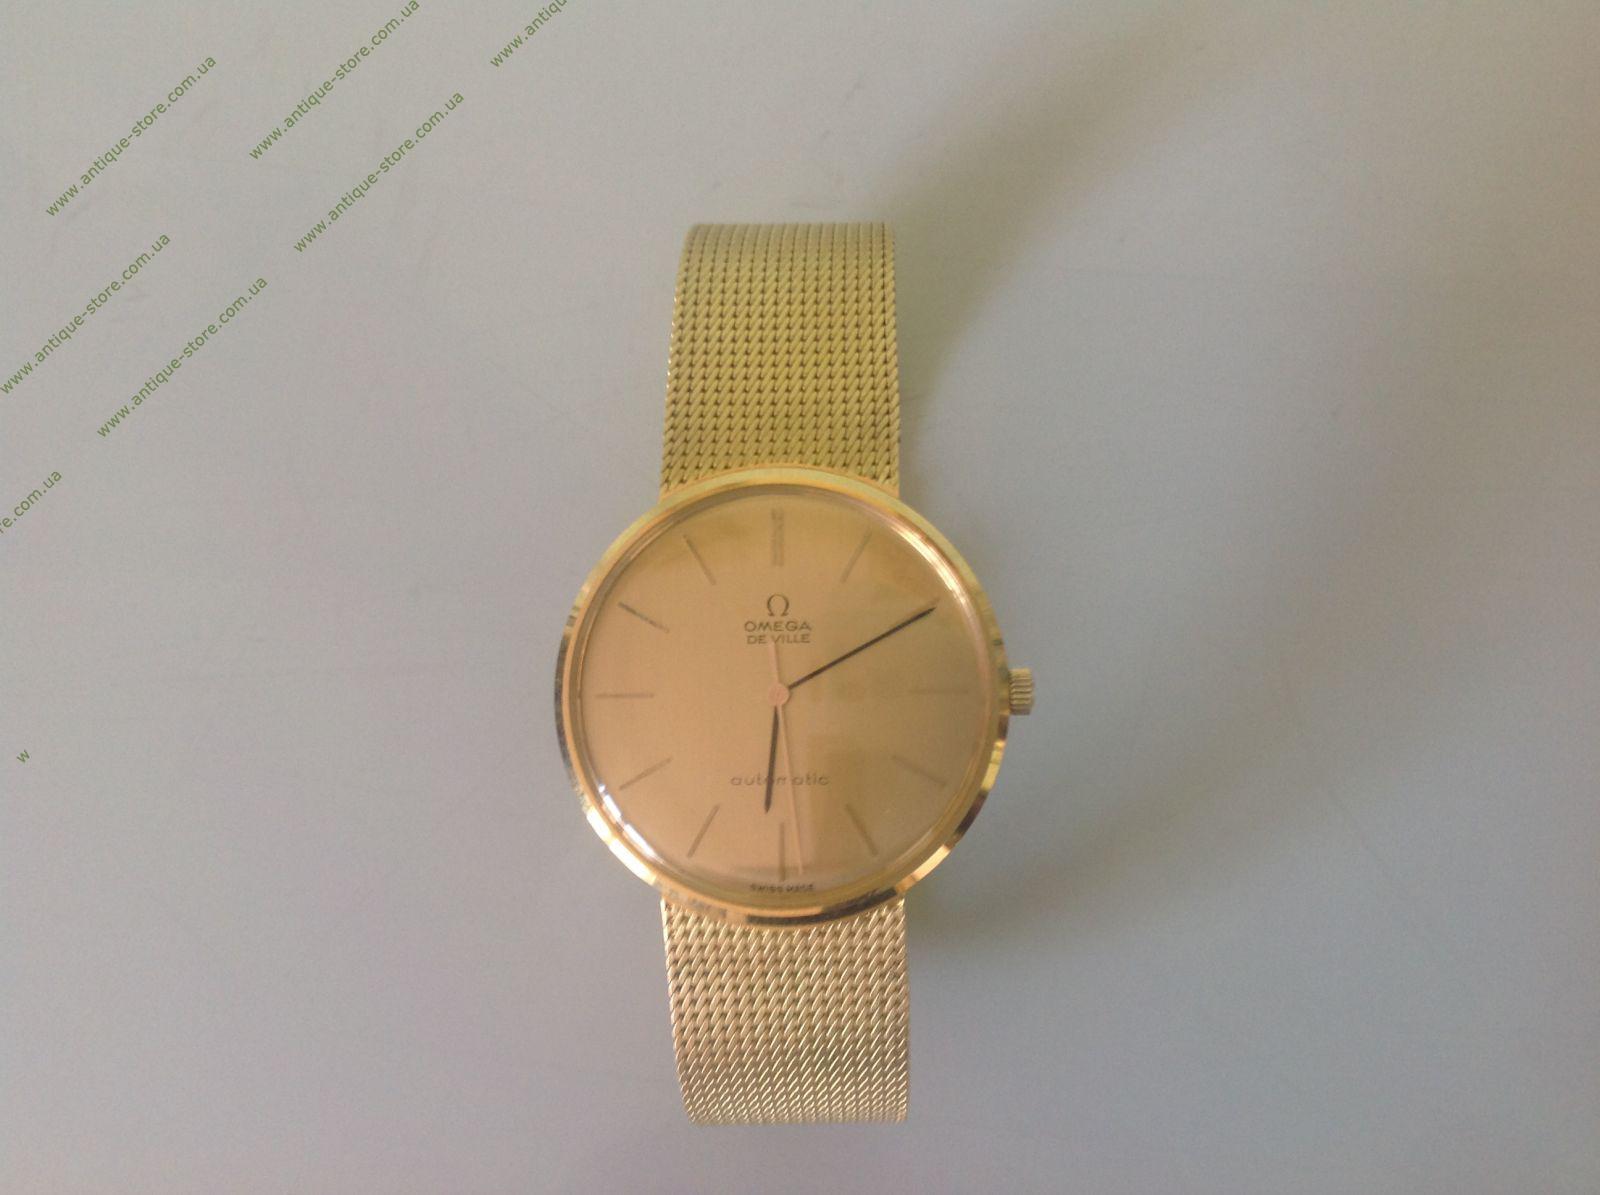 швейцарские часы с золотым браслетом